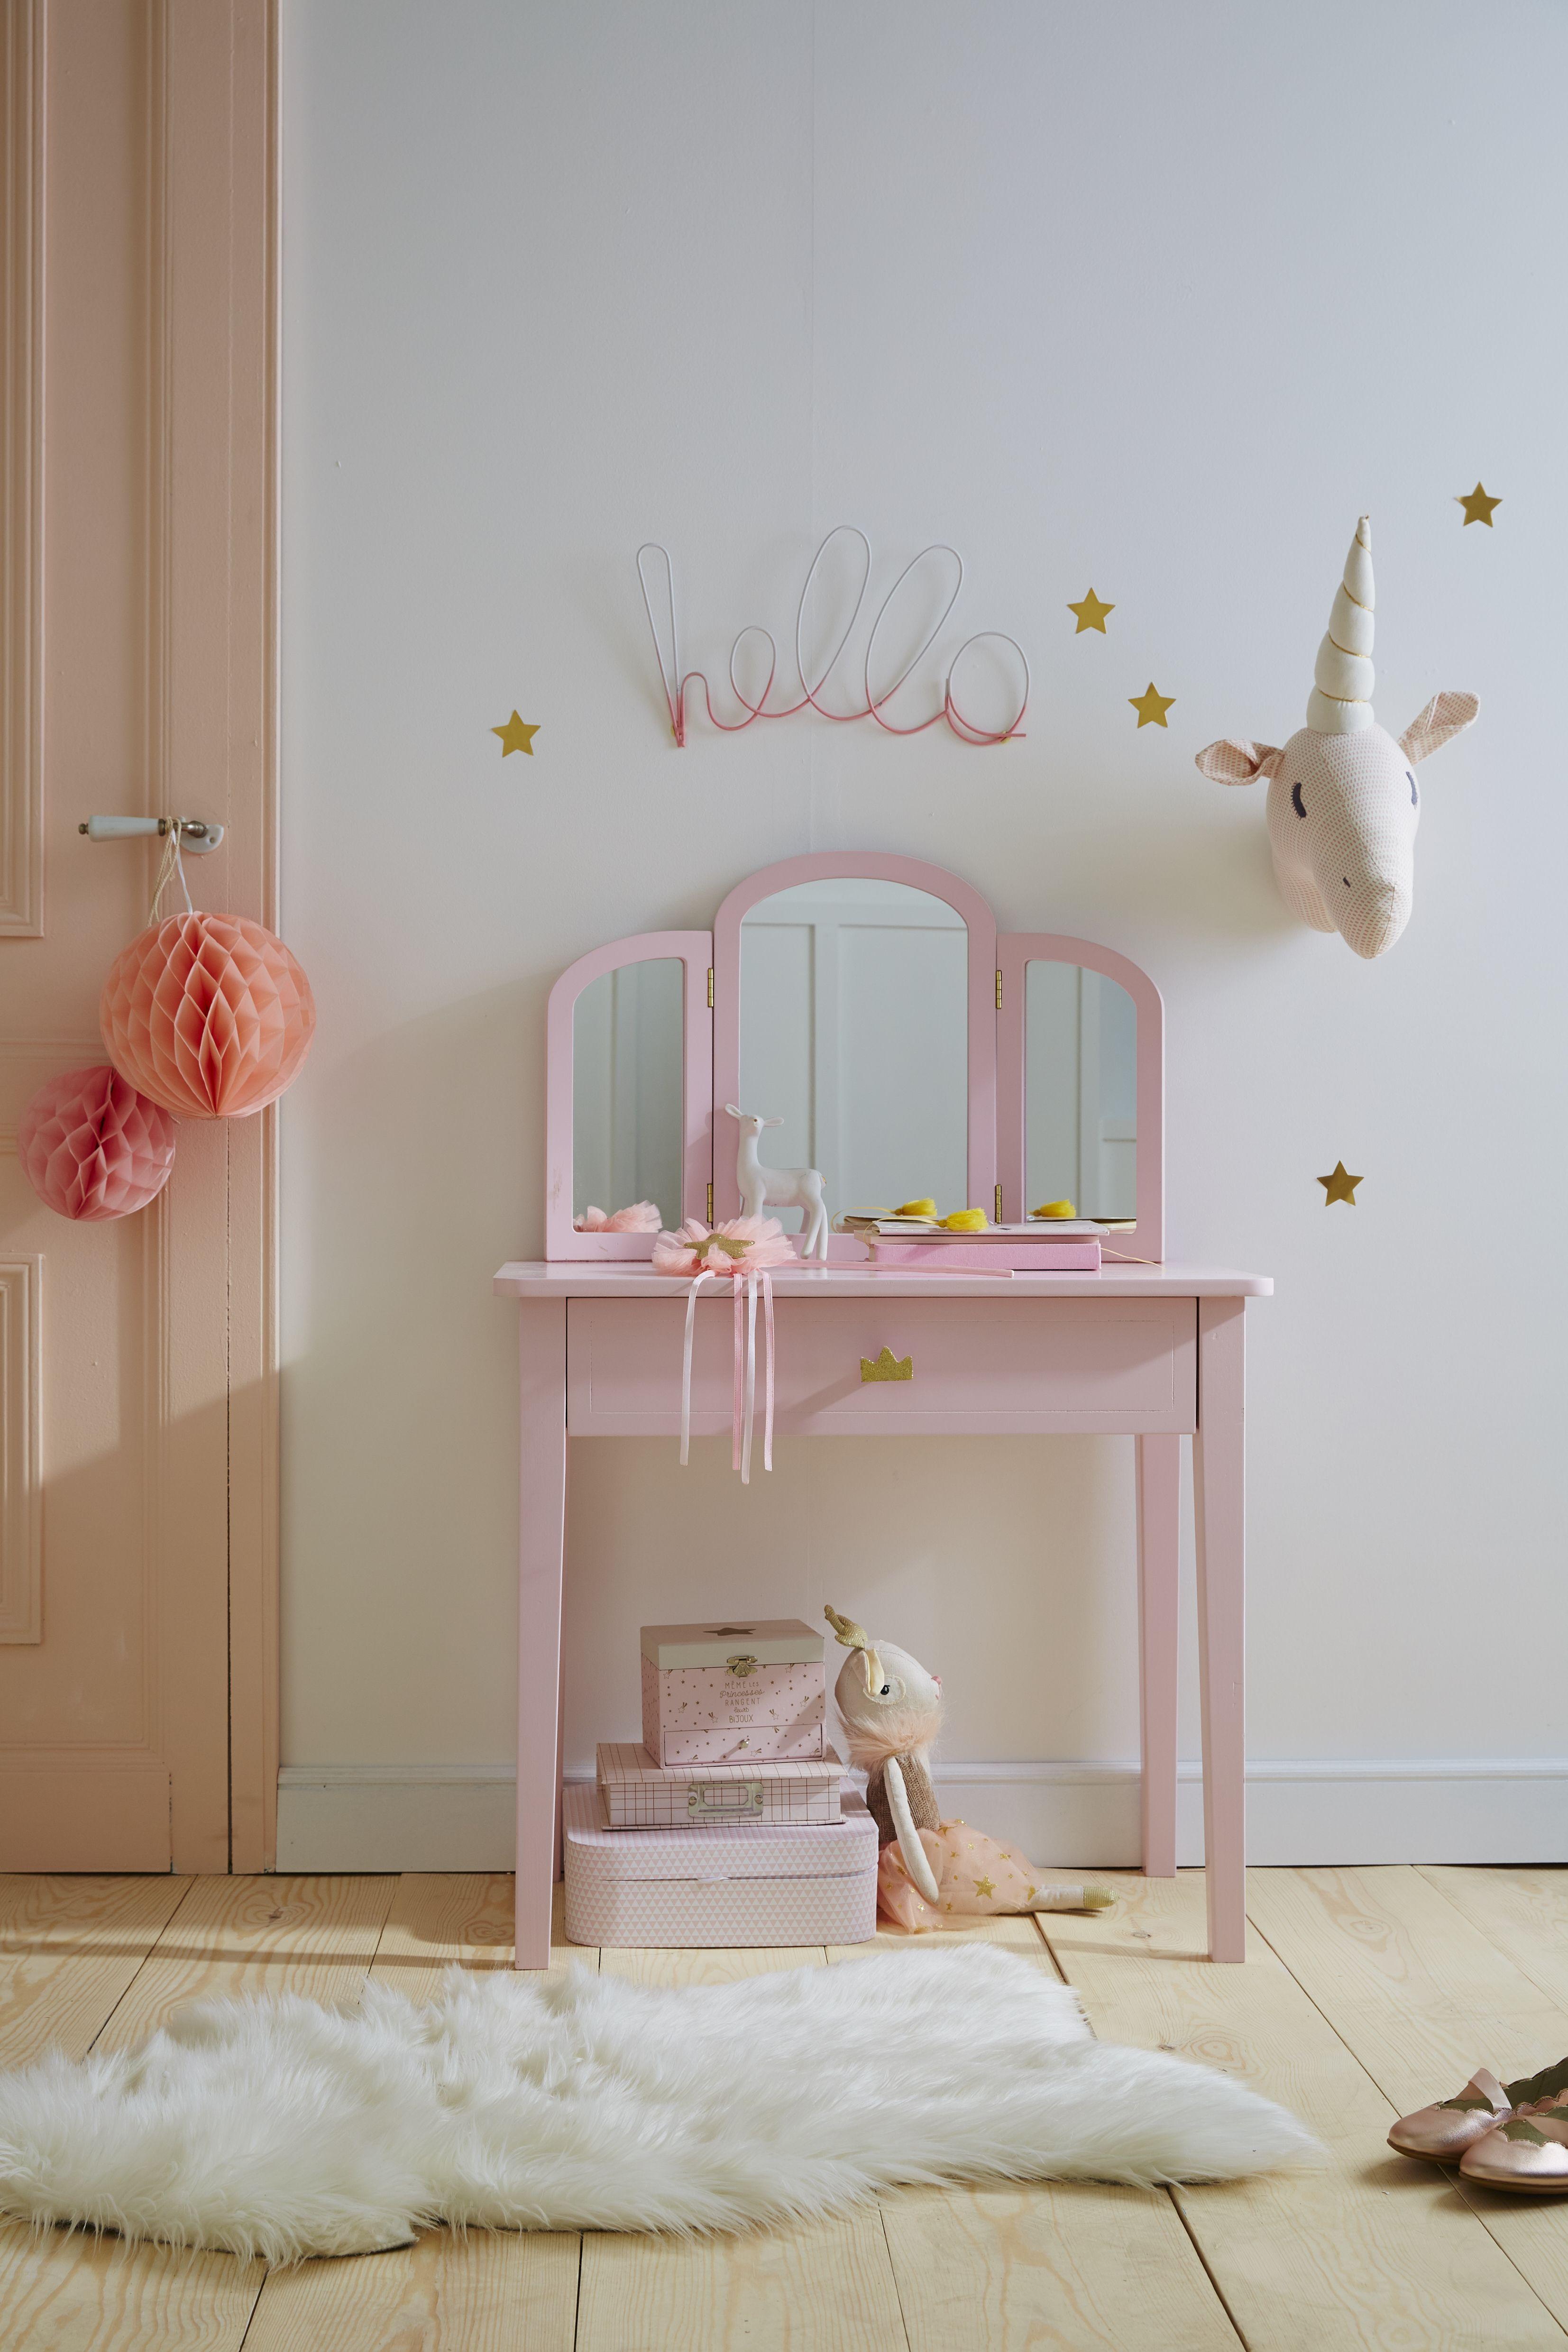 Petite Coiffeuse Princesse Rose La Maison Vertbaudet En